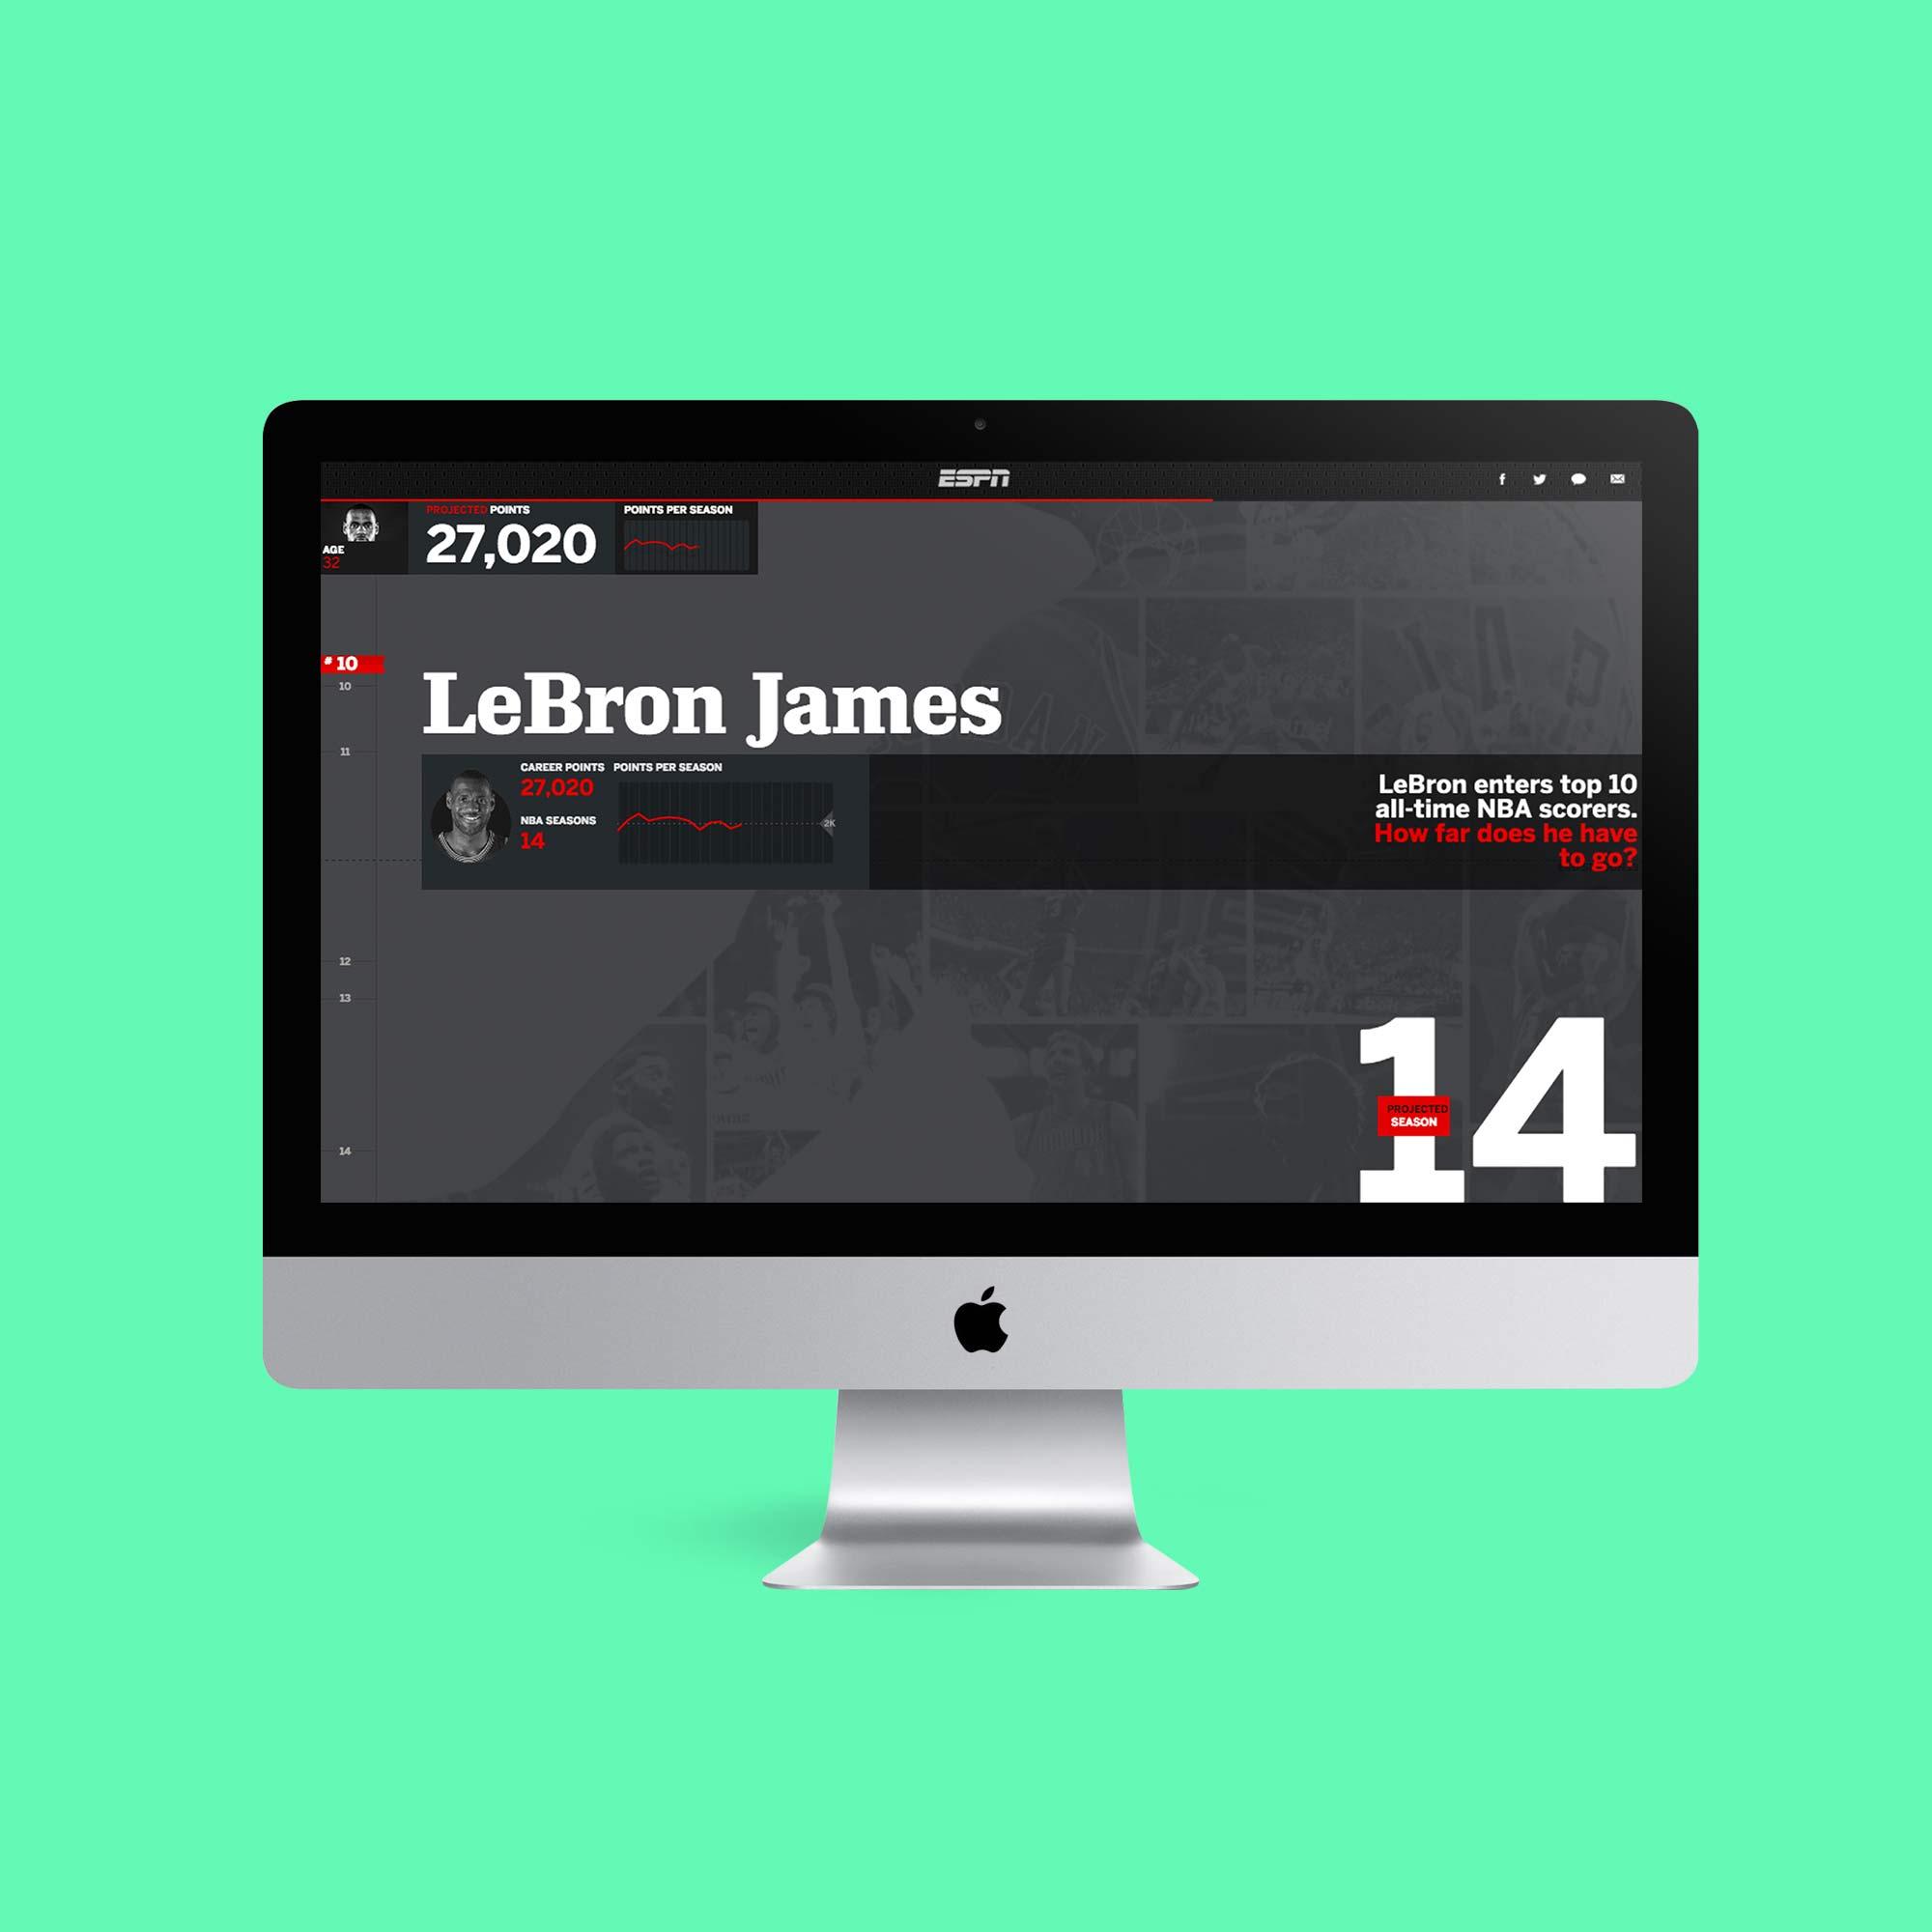 lebrondesktop.jpg